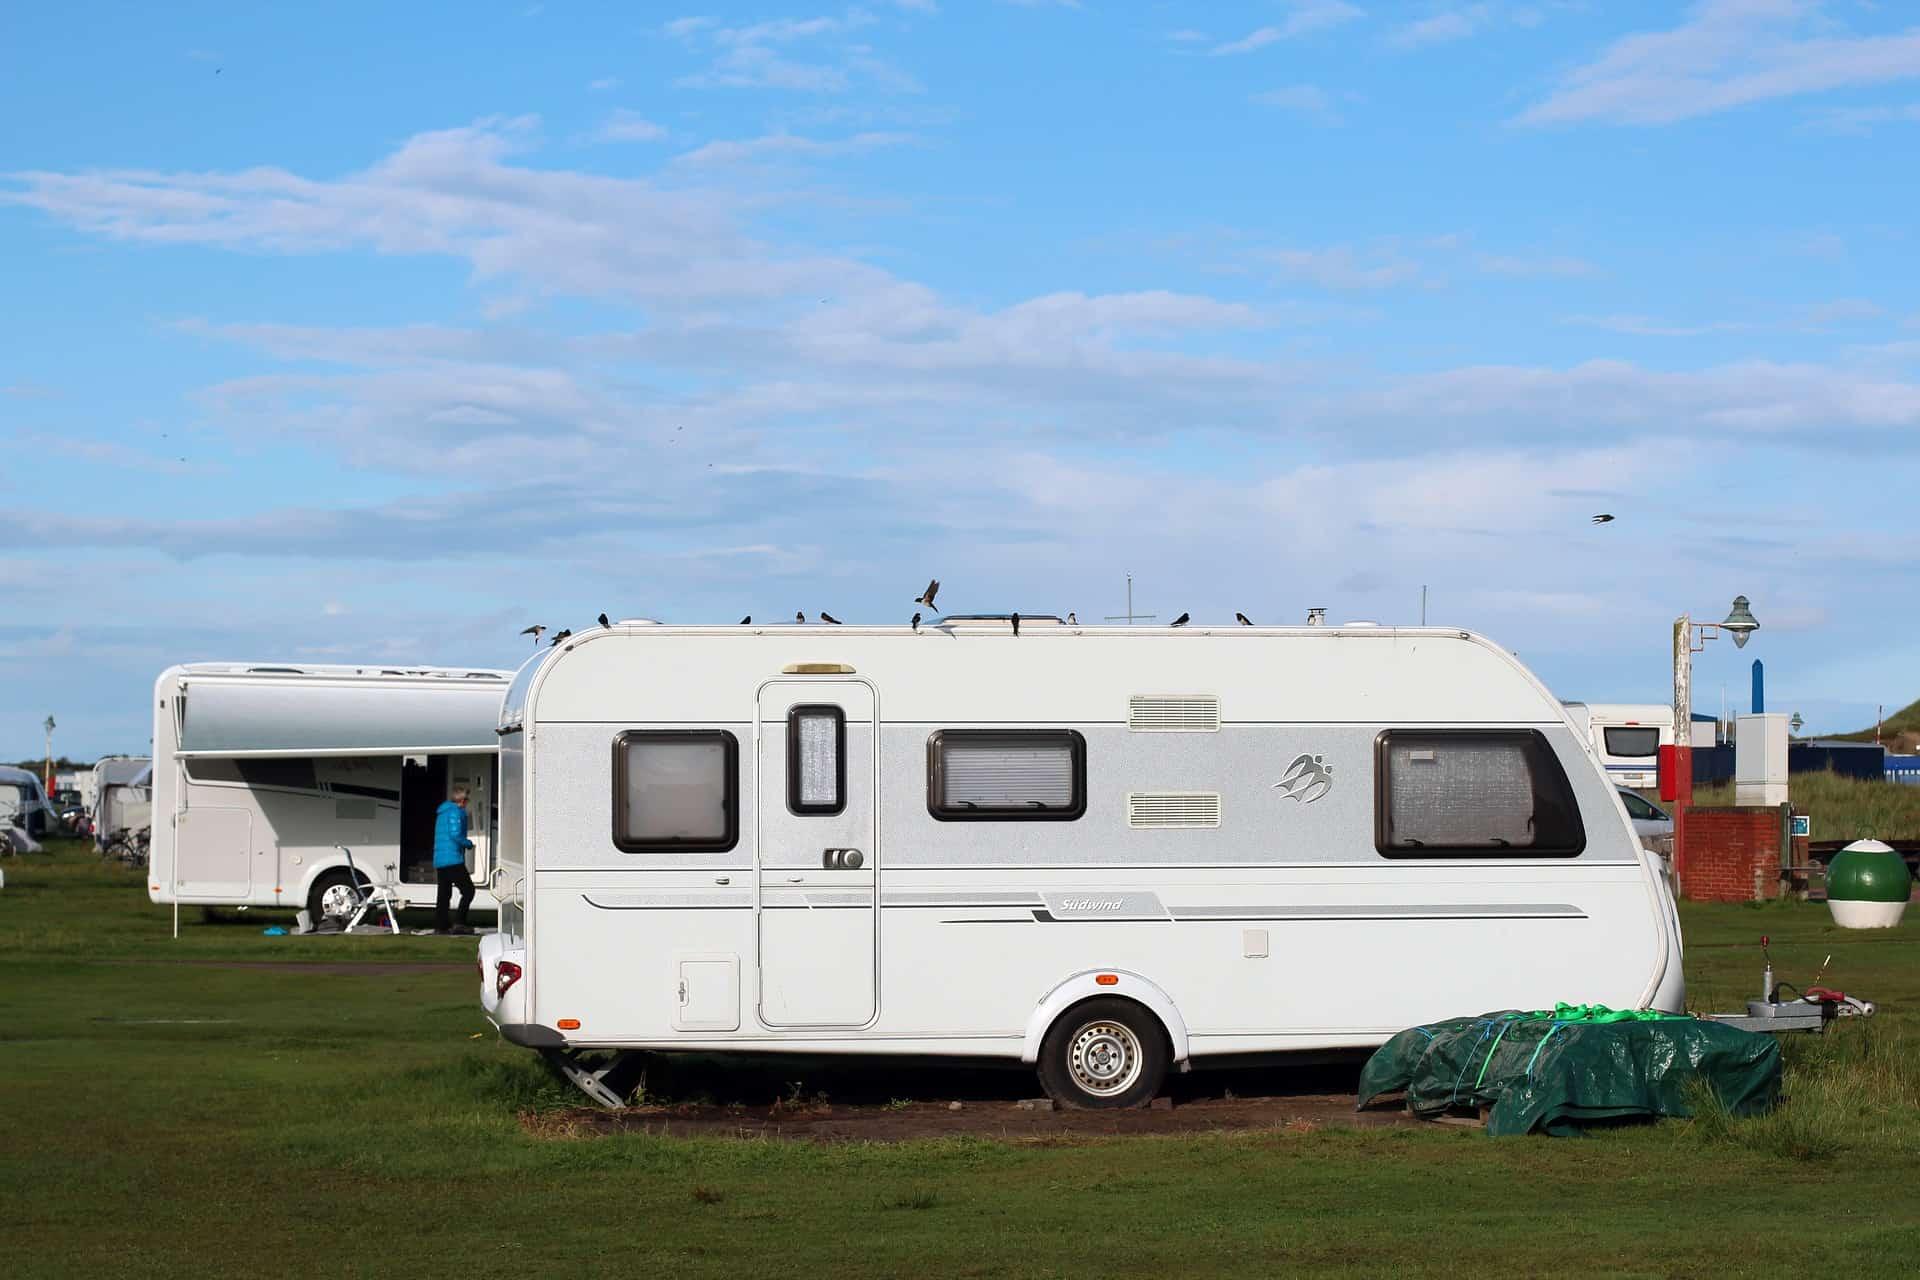 Wohnwagen Rangieren Einparken auf Campingplatz